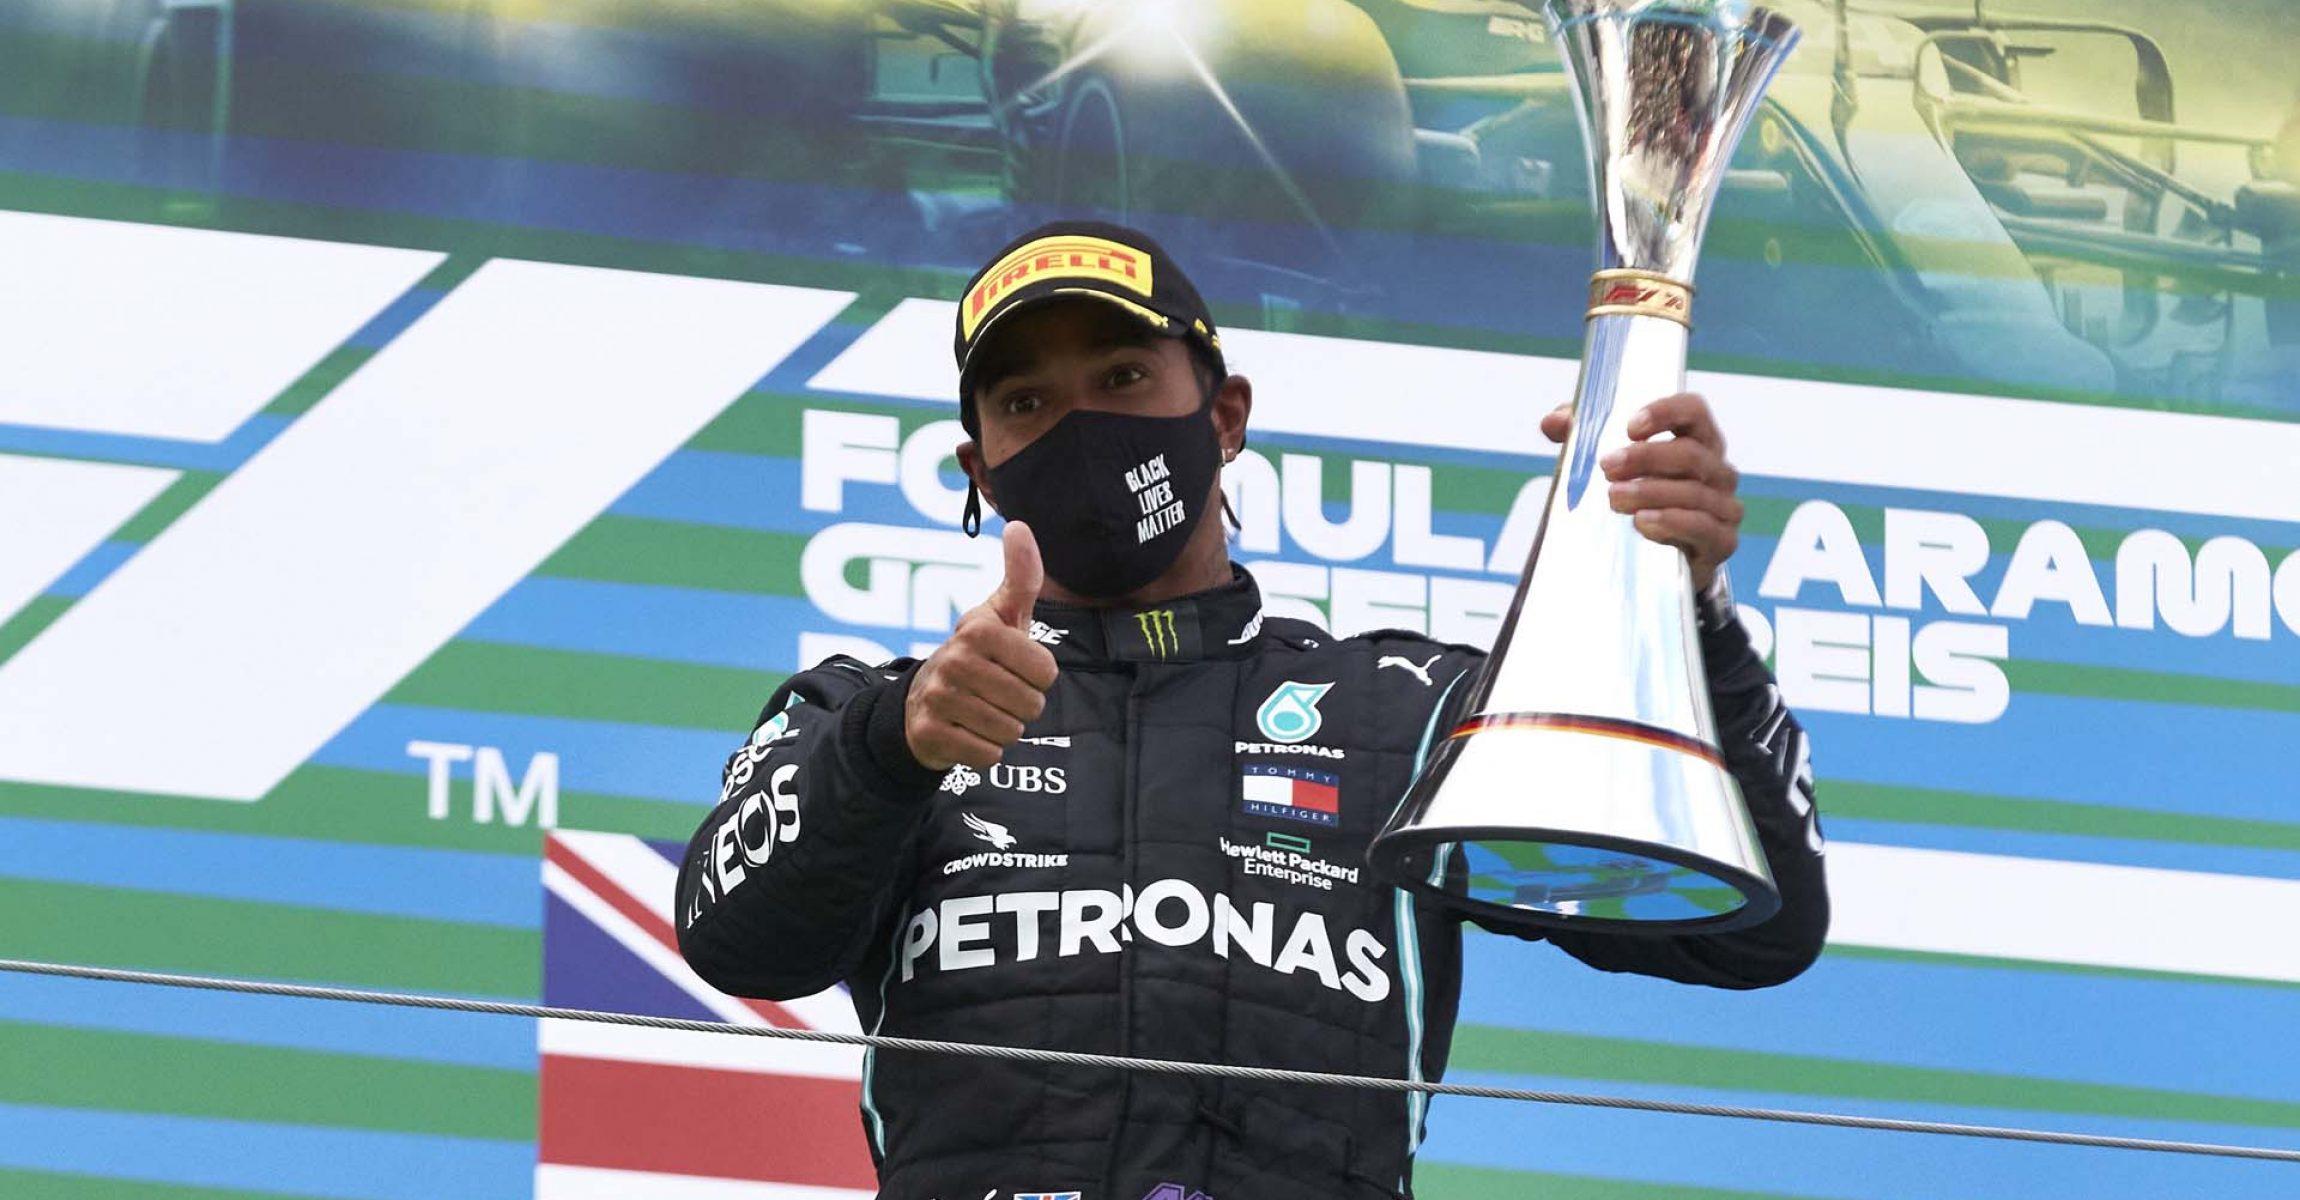 2020 Eifel Grand Prix, Sunday - Steve Etherington Lewis Hamilton Mercedes  Lewis Hamilton Mercedes